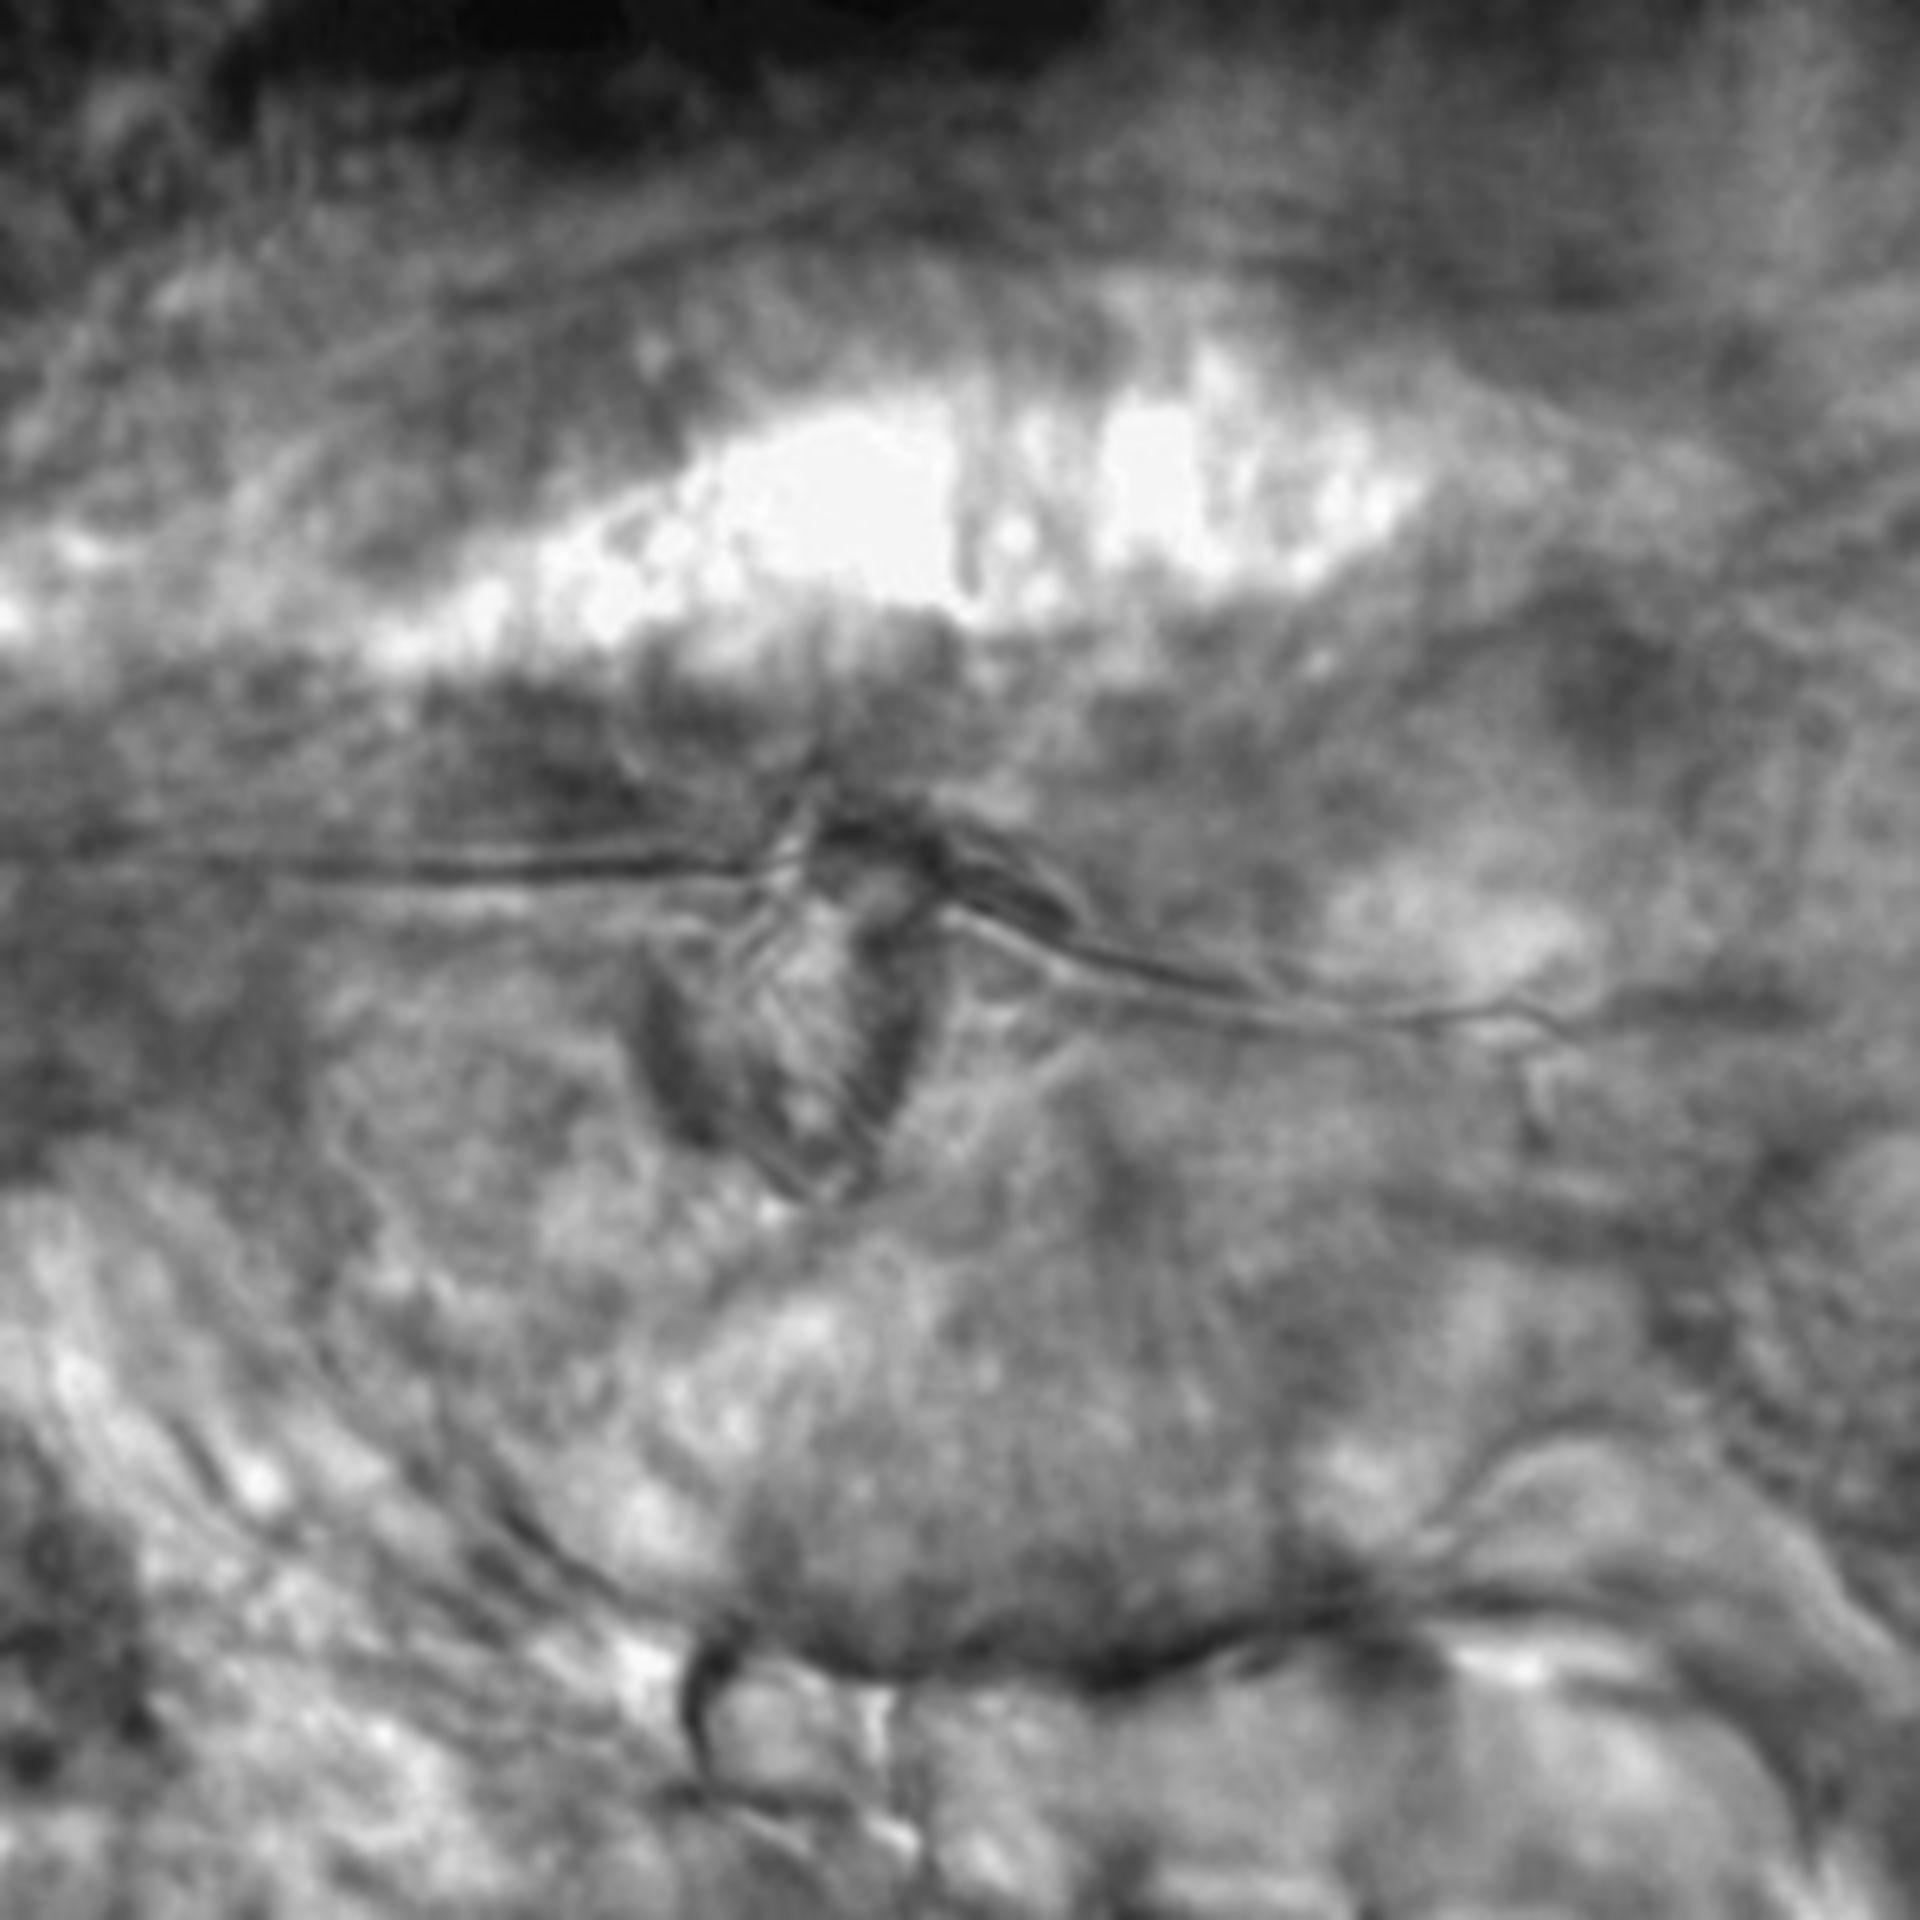 Caenorhabditis elegans - CIL:2276